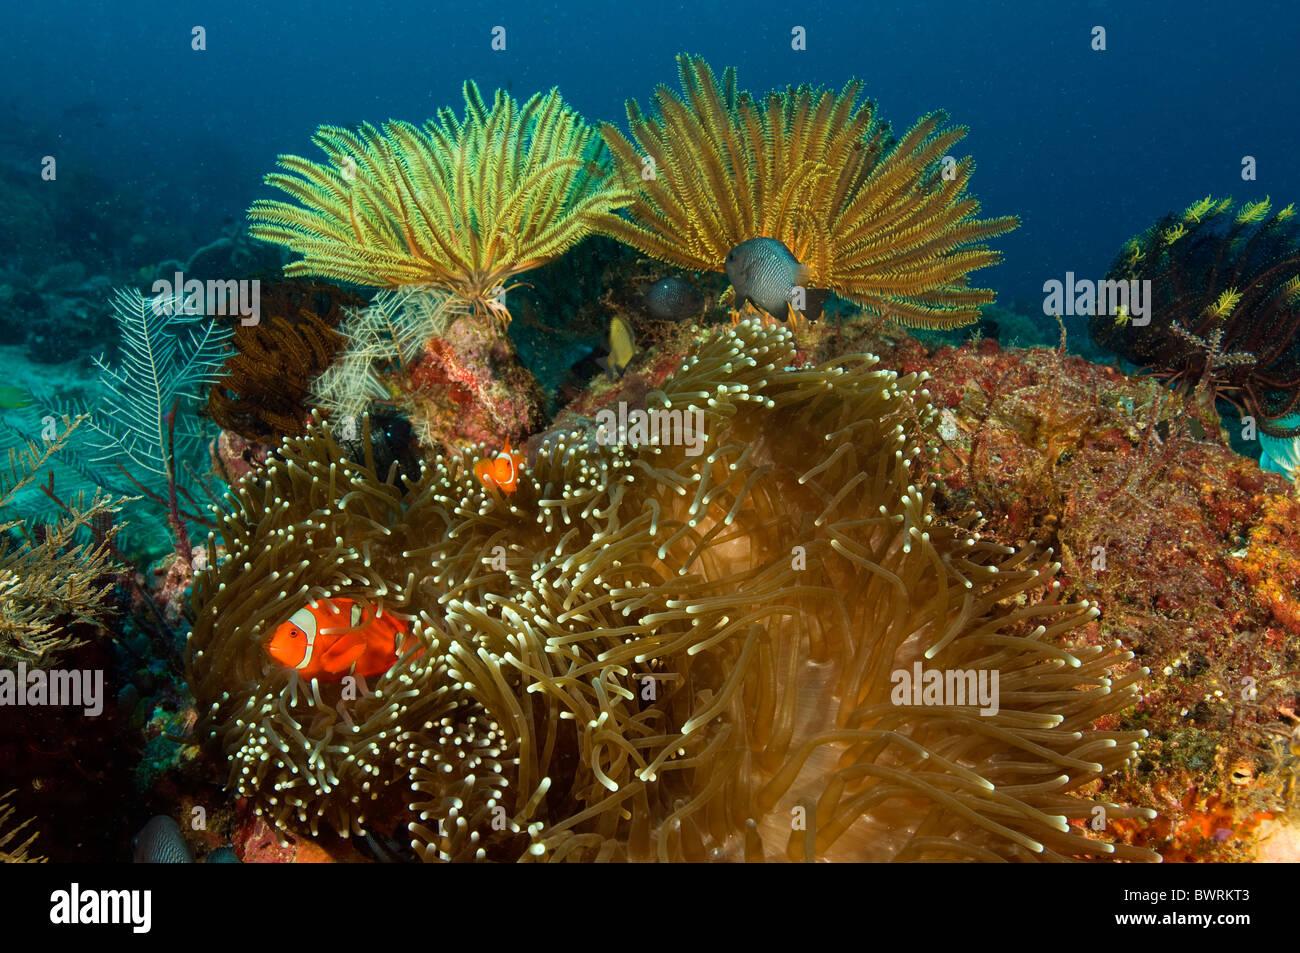 Escena de arrecifes de coral y la columna vertebral la mejilla, Raja Ampat anemonefishes Indonesia Imagen De Stock